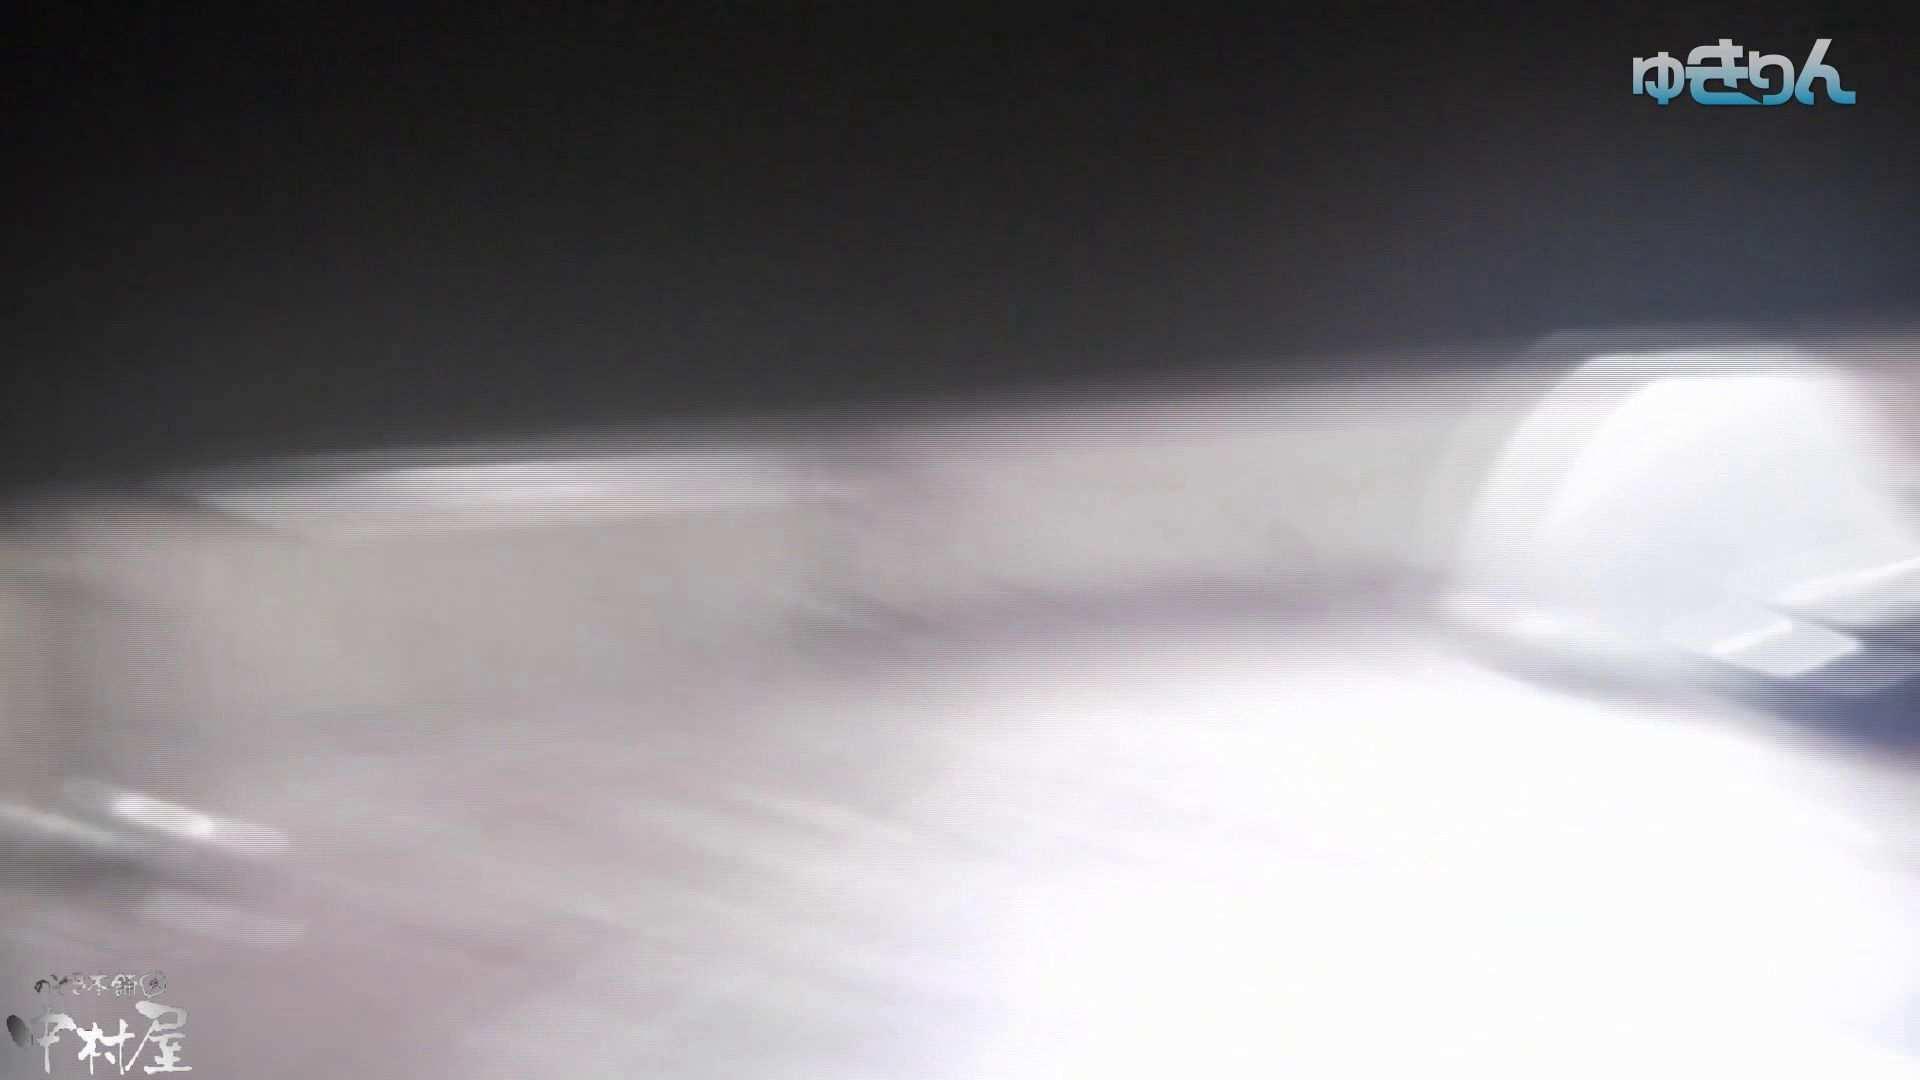 【世界の射窓から~ステーション編~】ステーション編 vol54 便秘のせいで長蛇の列、じっくり撮らせて頂きました後編 OLハメ撮り  44Pix 16